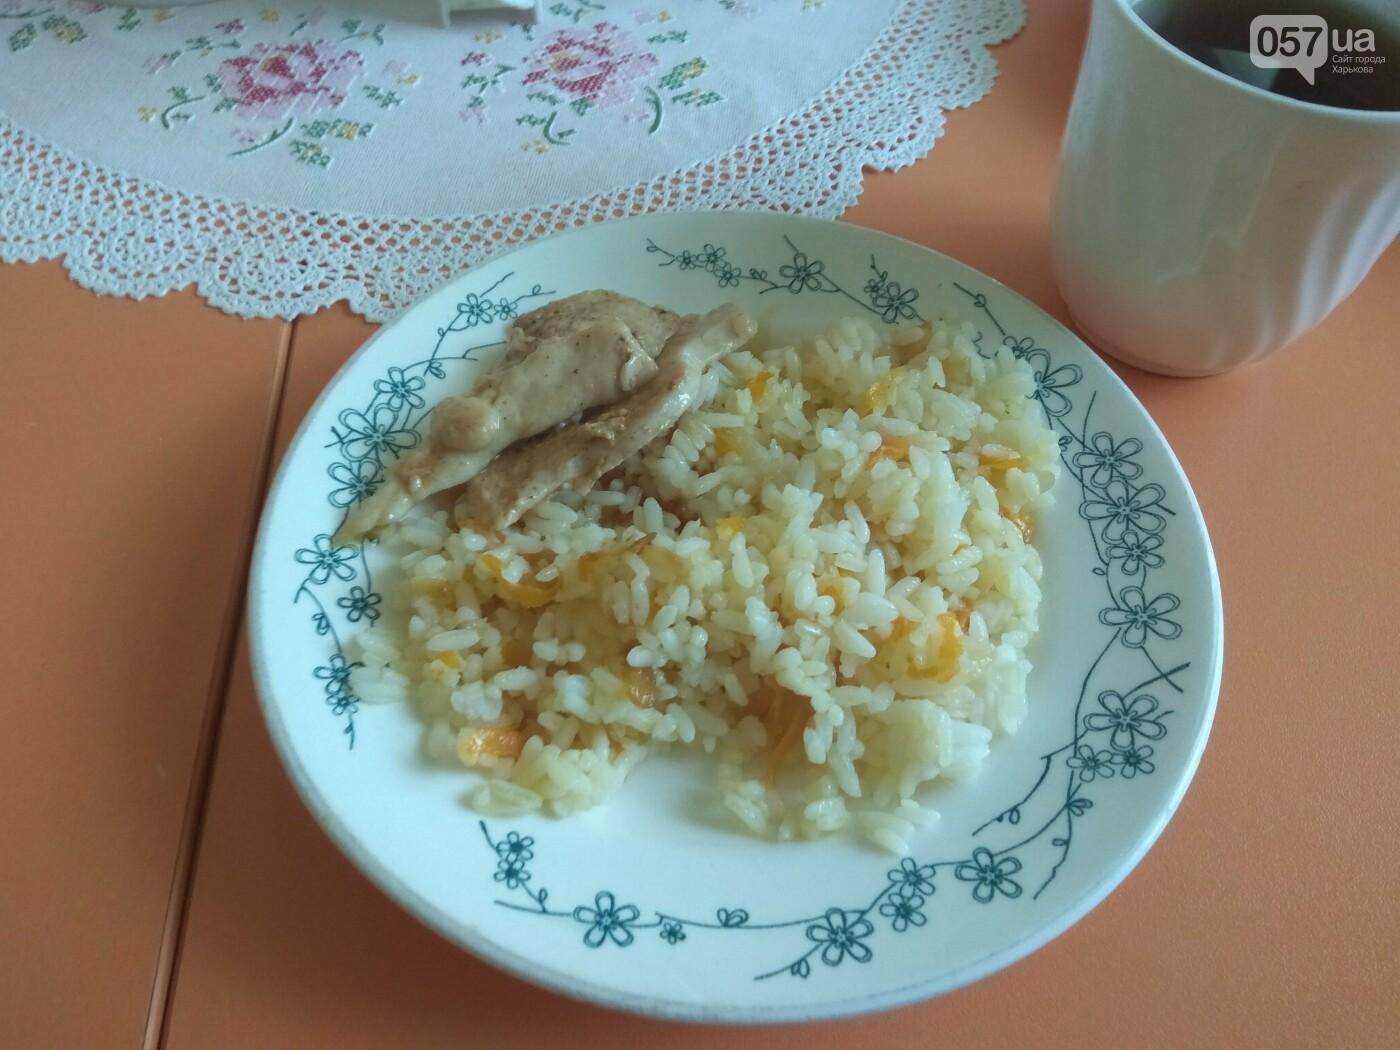 Овощные салаты, супы и мясные блюда: как кормят учеников в харьковских школах, - ФОТО, фото-8